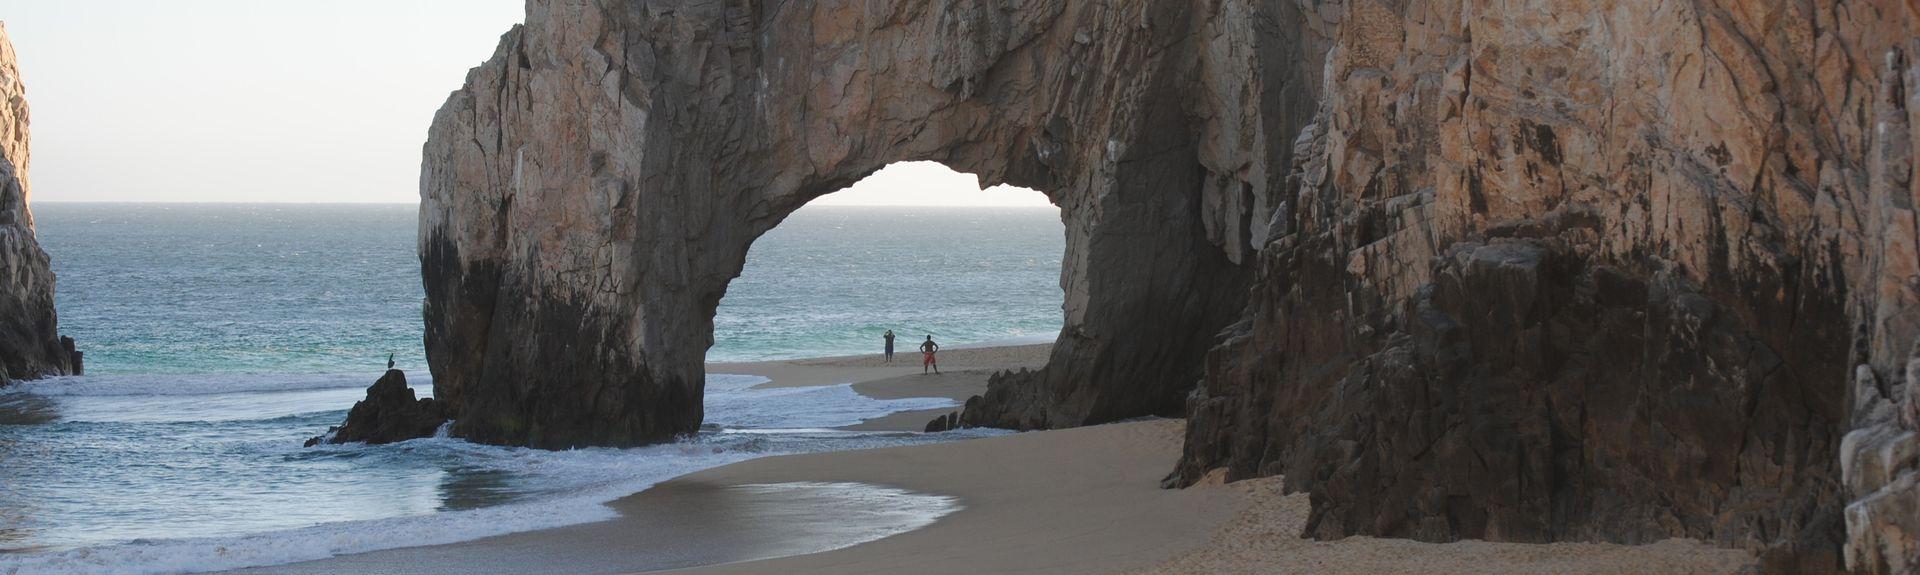 El Rosarito, San José del Cabo, Baja California Sur, México